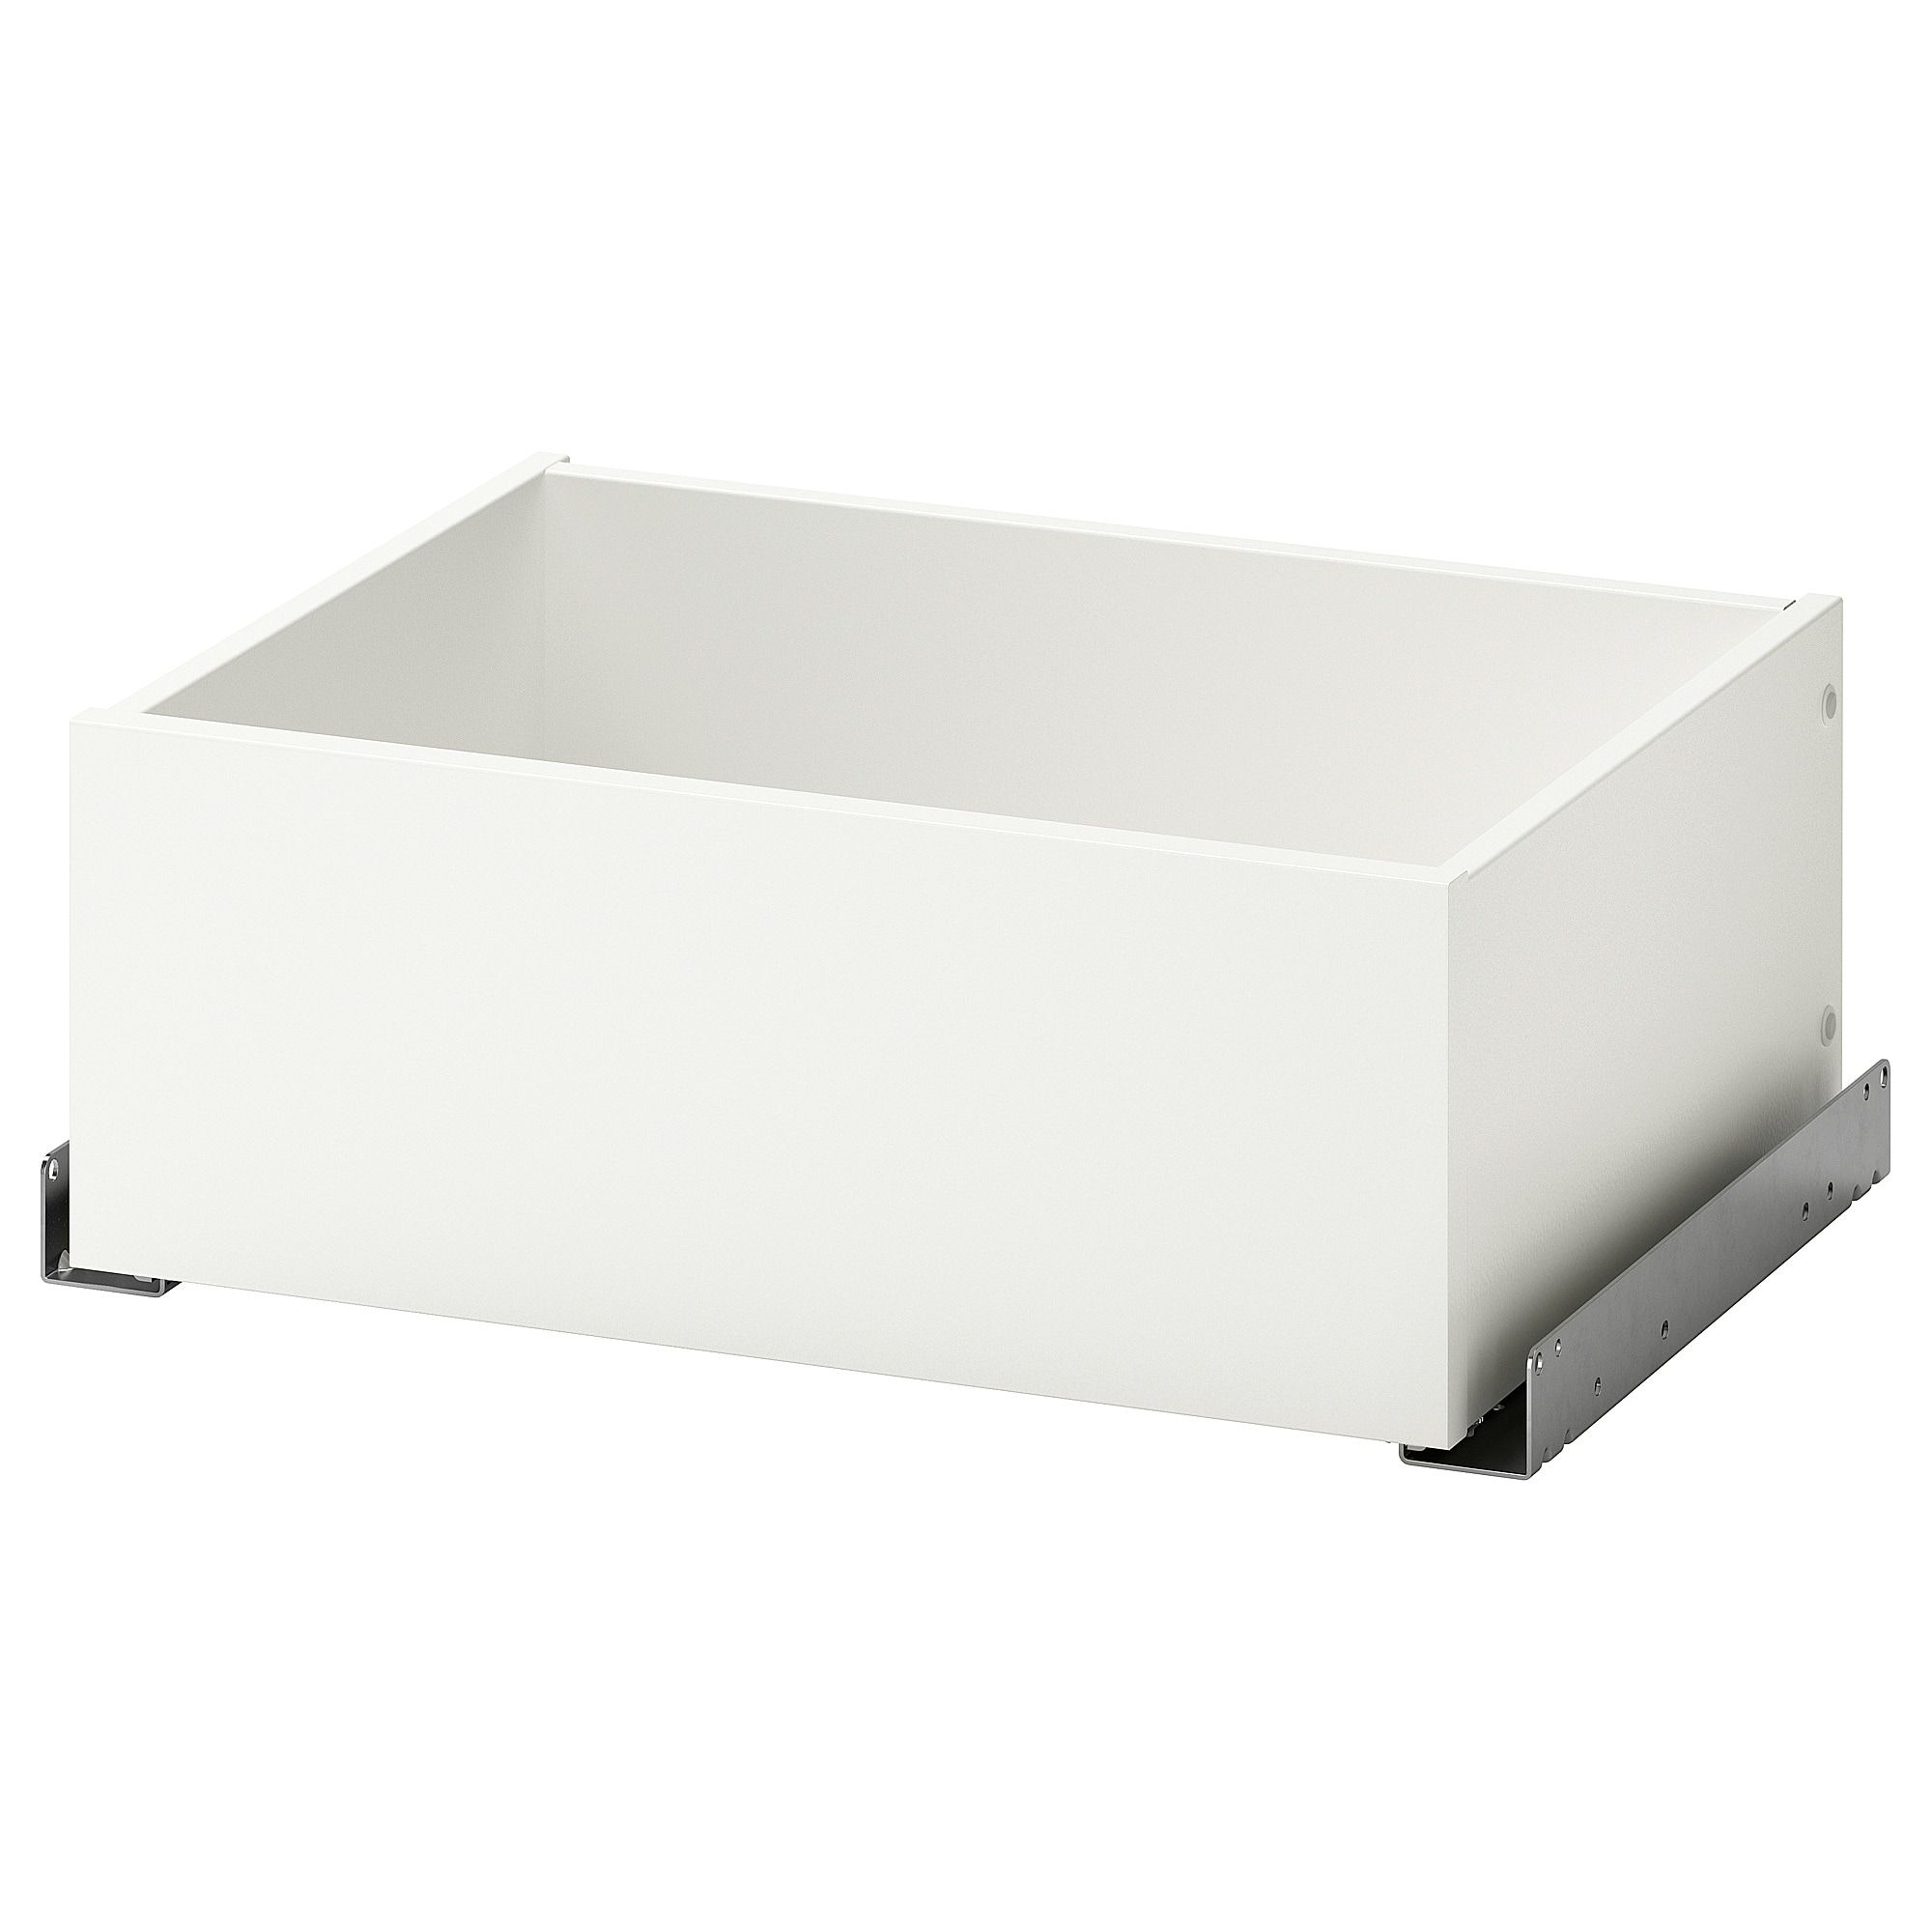 Komplement Schublade Weiss Ikea Schubladen Schubladen Und